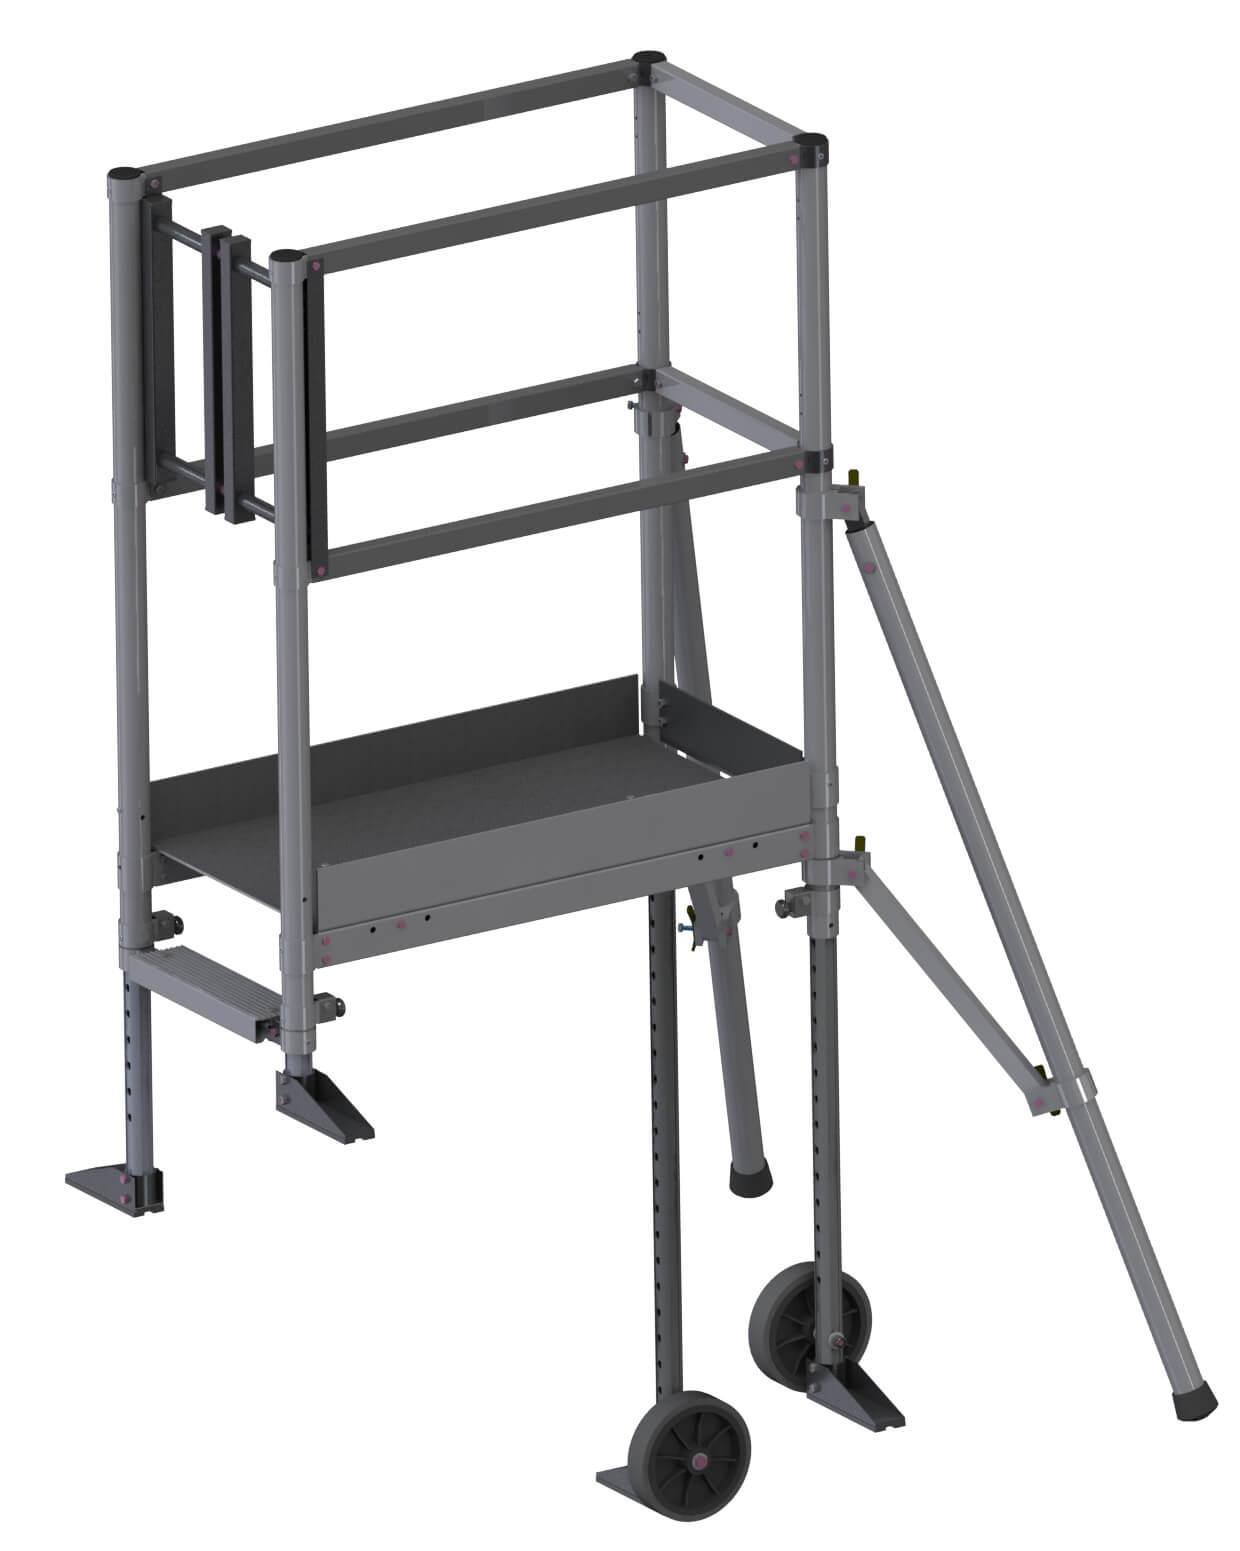 Echafaudage Pour Escalier: 4M Haut. Travail Max avec Echafaudage De Jardin